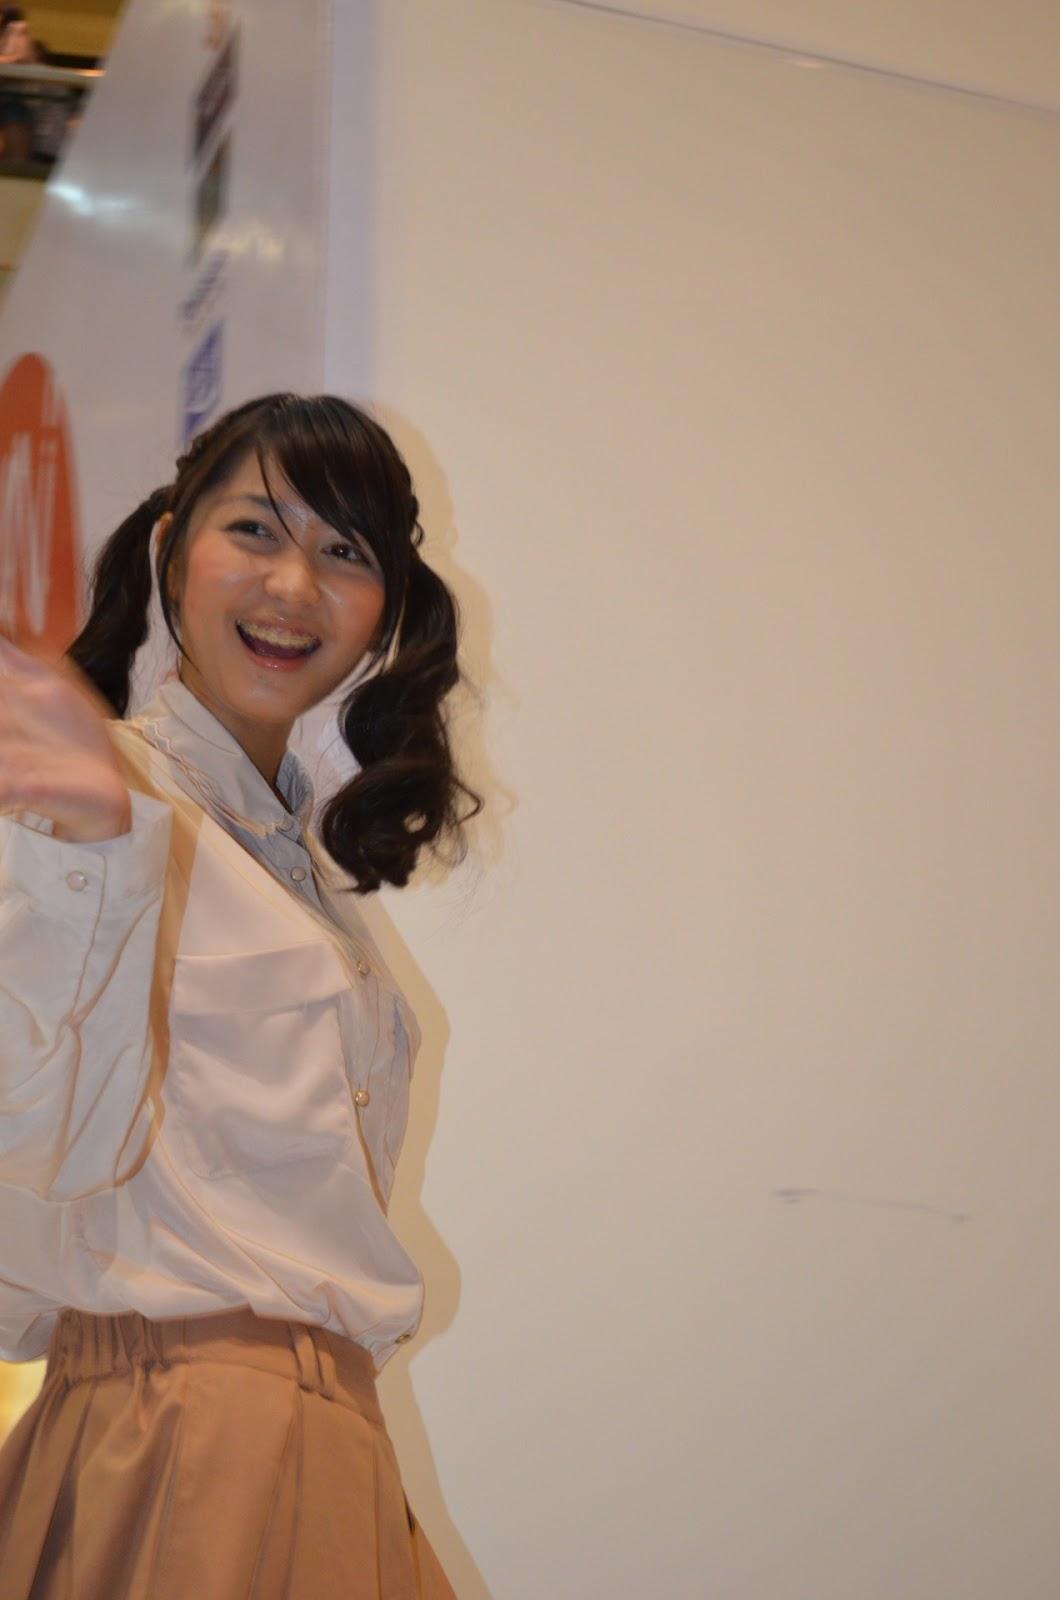 JKT48 Wallpapers: Wallpaper Cindy JKT48